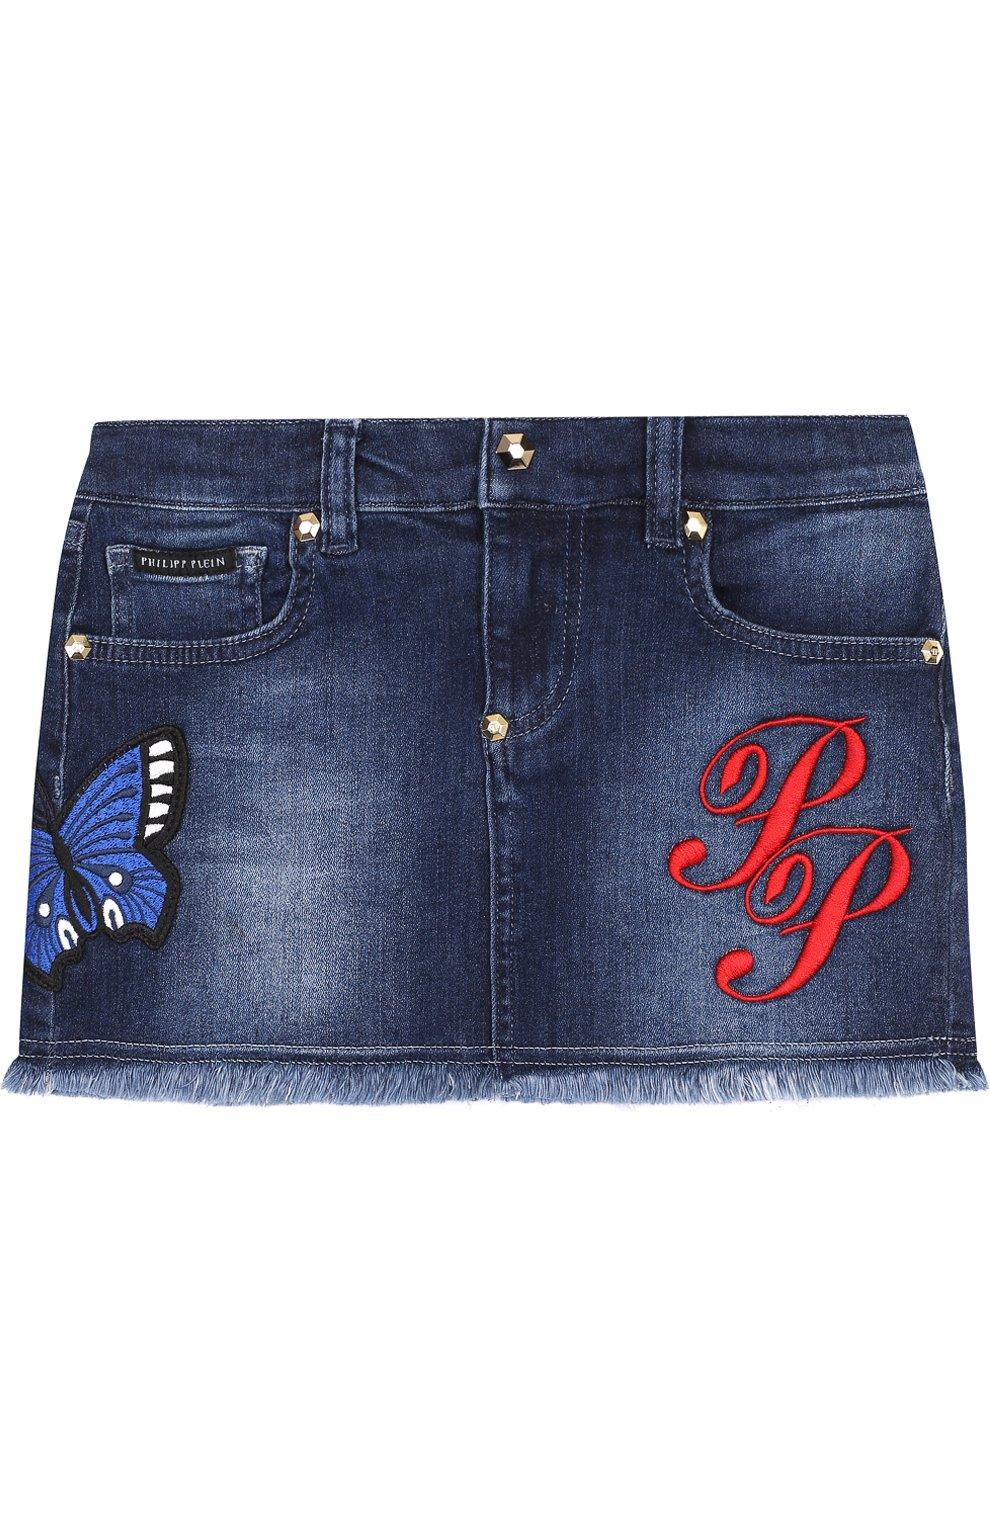 Джинсовая мини-юбка с вышивкой и бахромой   Фото №1